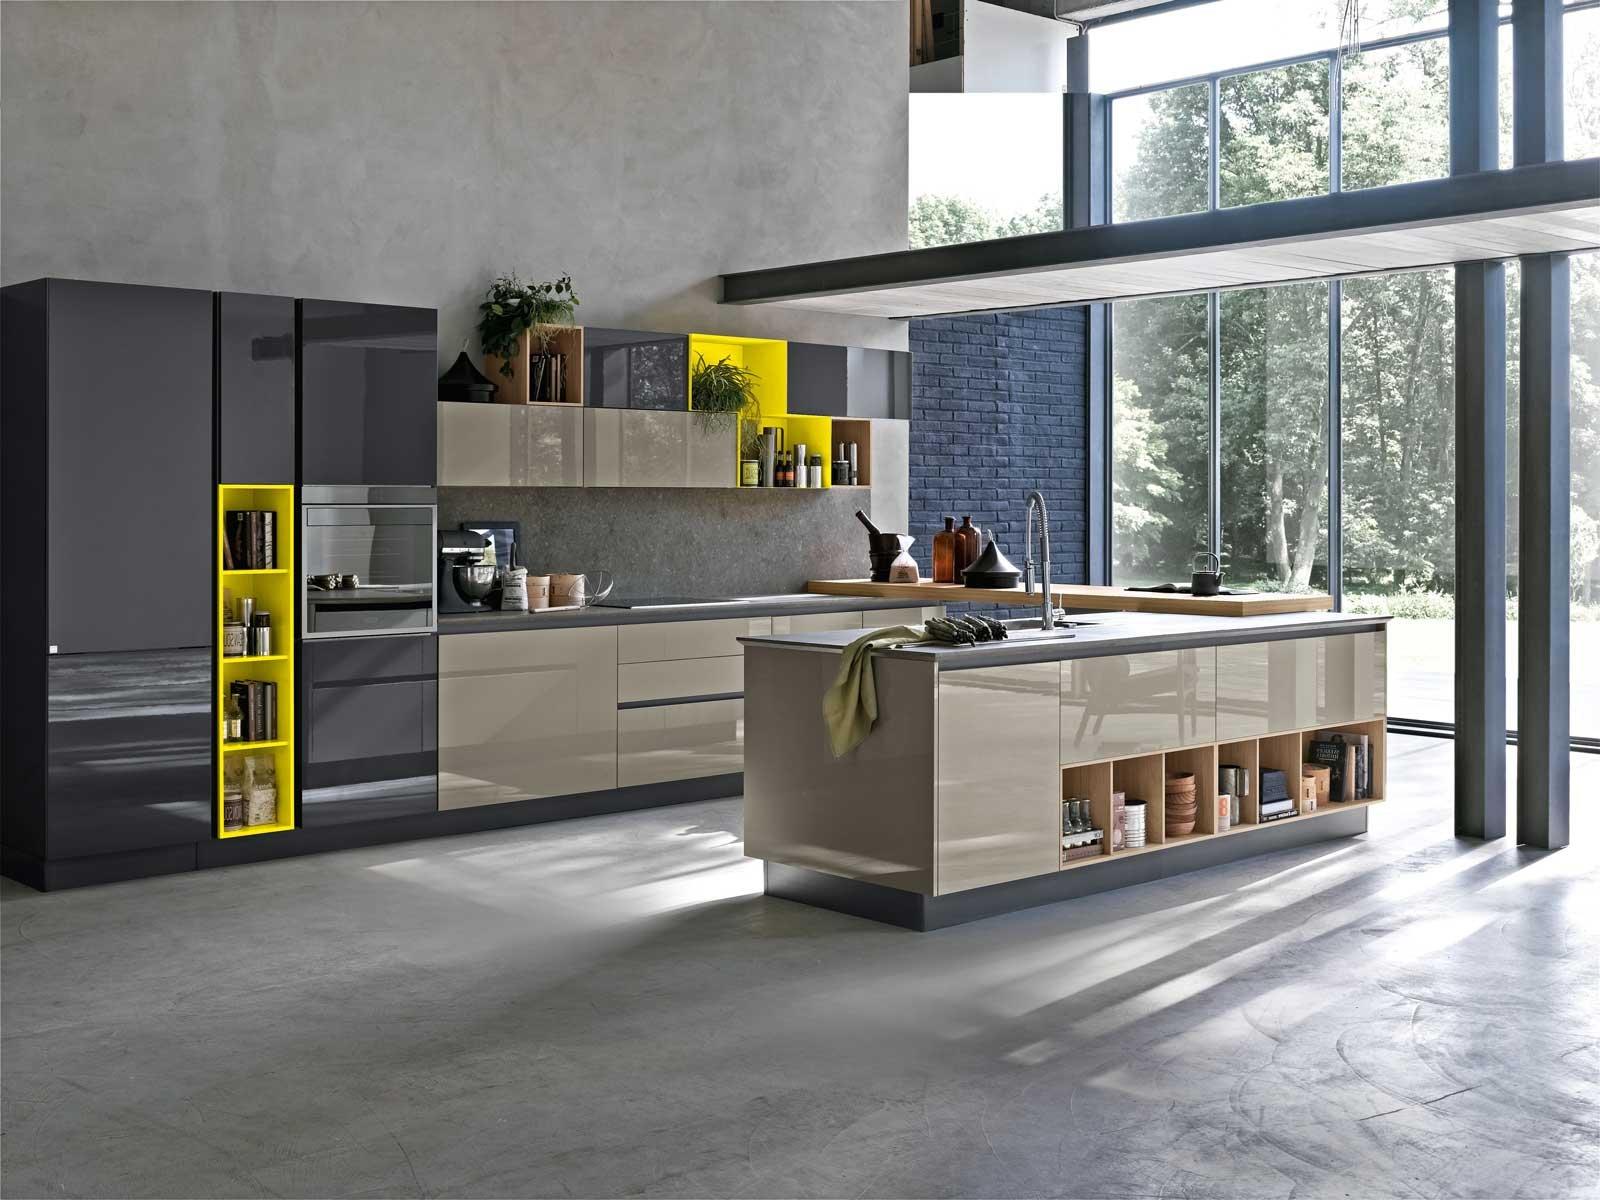 Design lineare e superfici lisce per la cucina dallo stile minimale ...